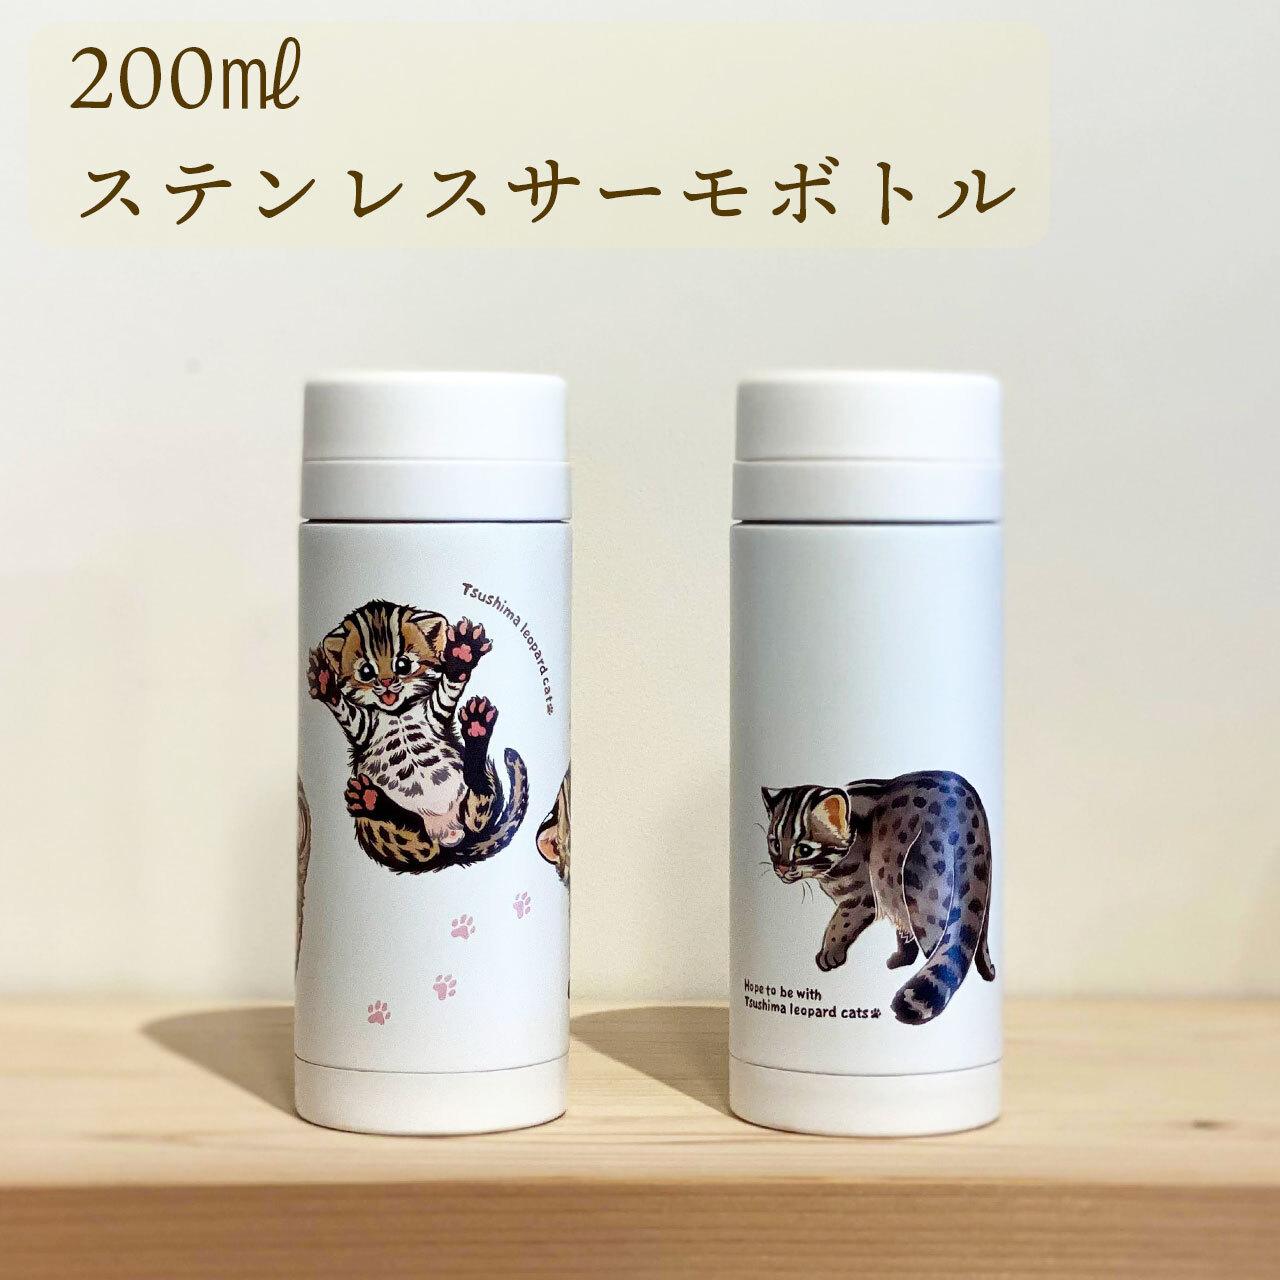 【受注生産】ツシマヤマネコ サーモボトル(200ml)